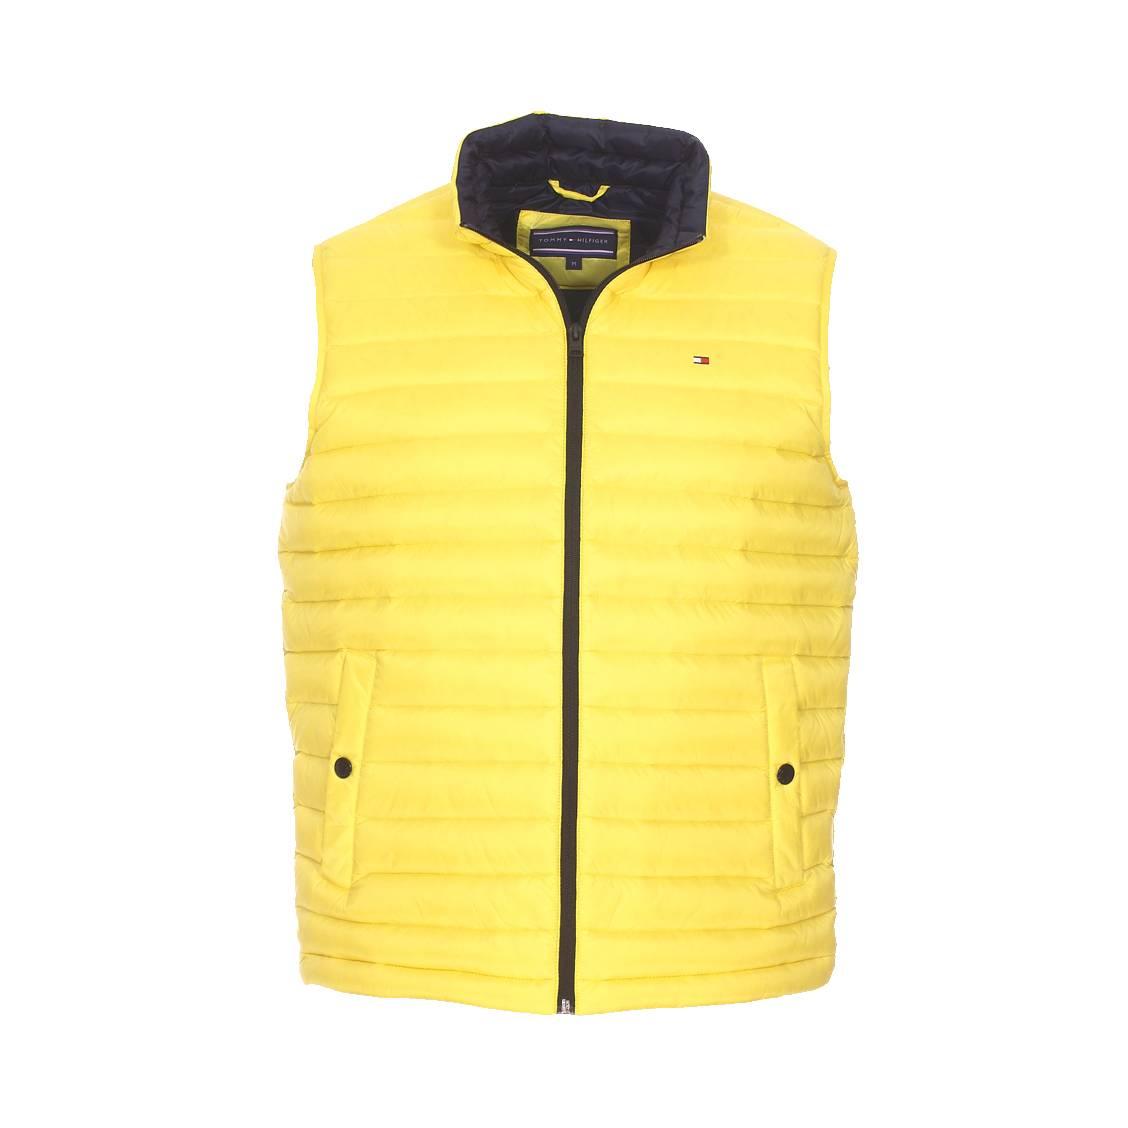 hilfiger denim preco h17 doudoune dm0dm02228 701 lw packable down vest 701  blazing yellow doudoune sans doudoune sans manches legere jaune a capuche  mezaguz 2c201af08955